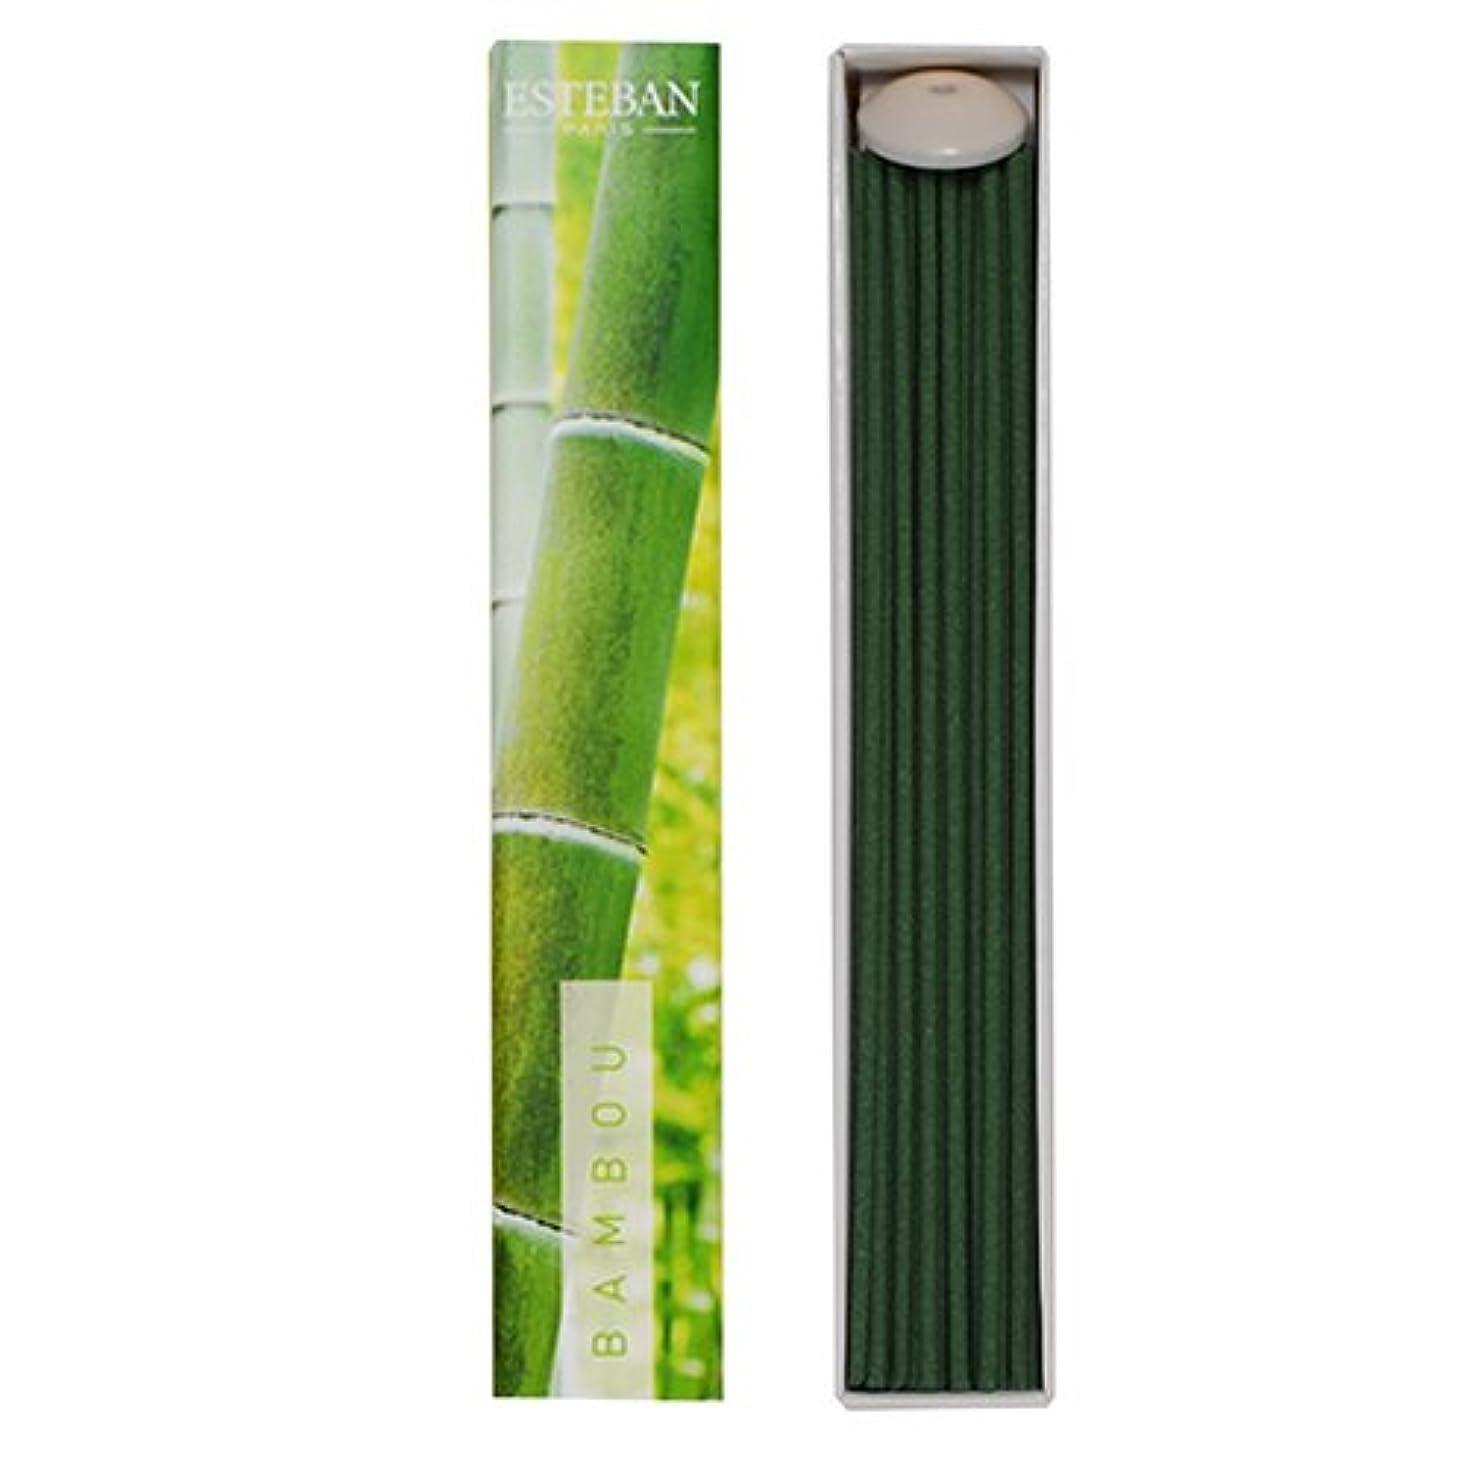 境界寛大さネイティブエステバンのお香 エスプリドナチュール バンブー(竹)スティック